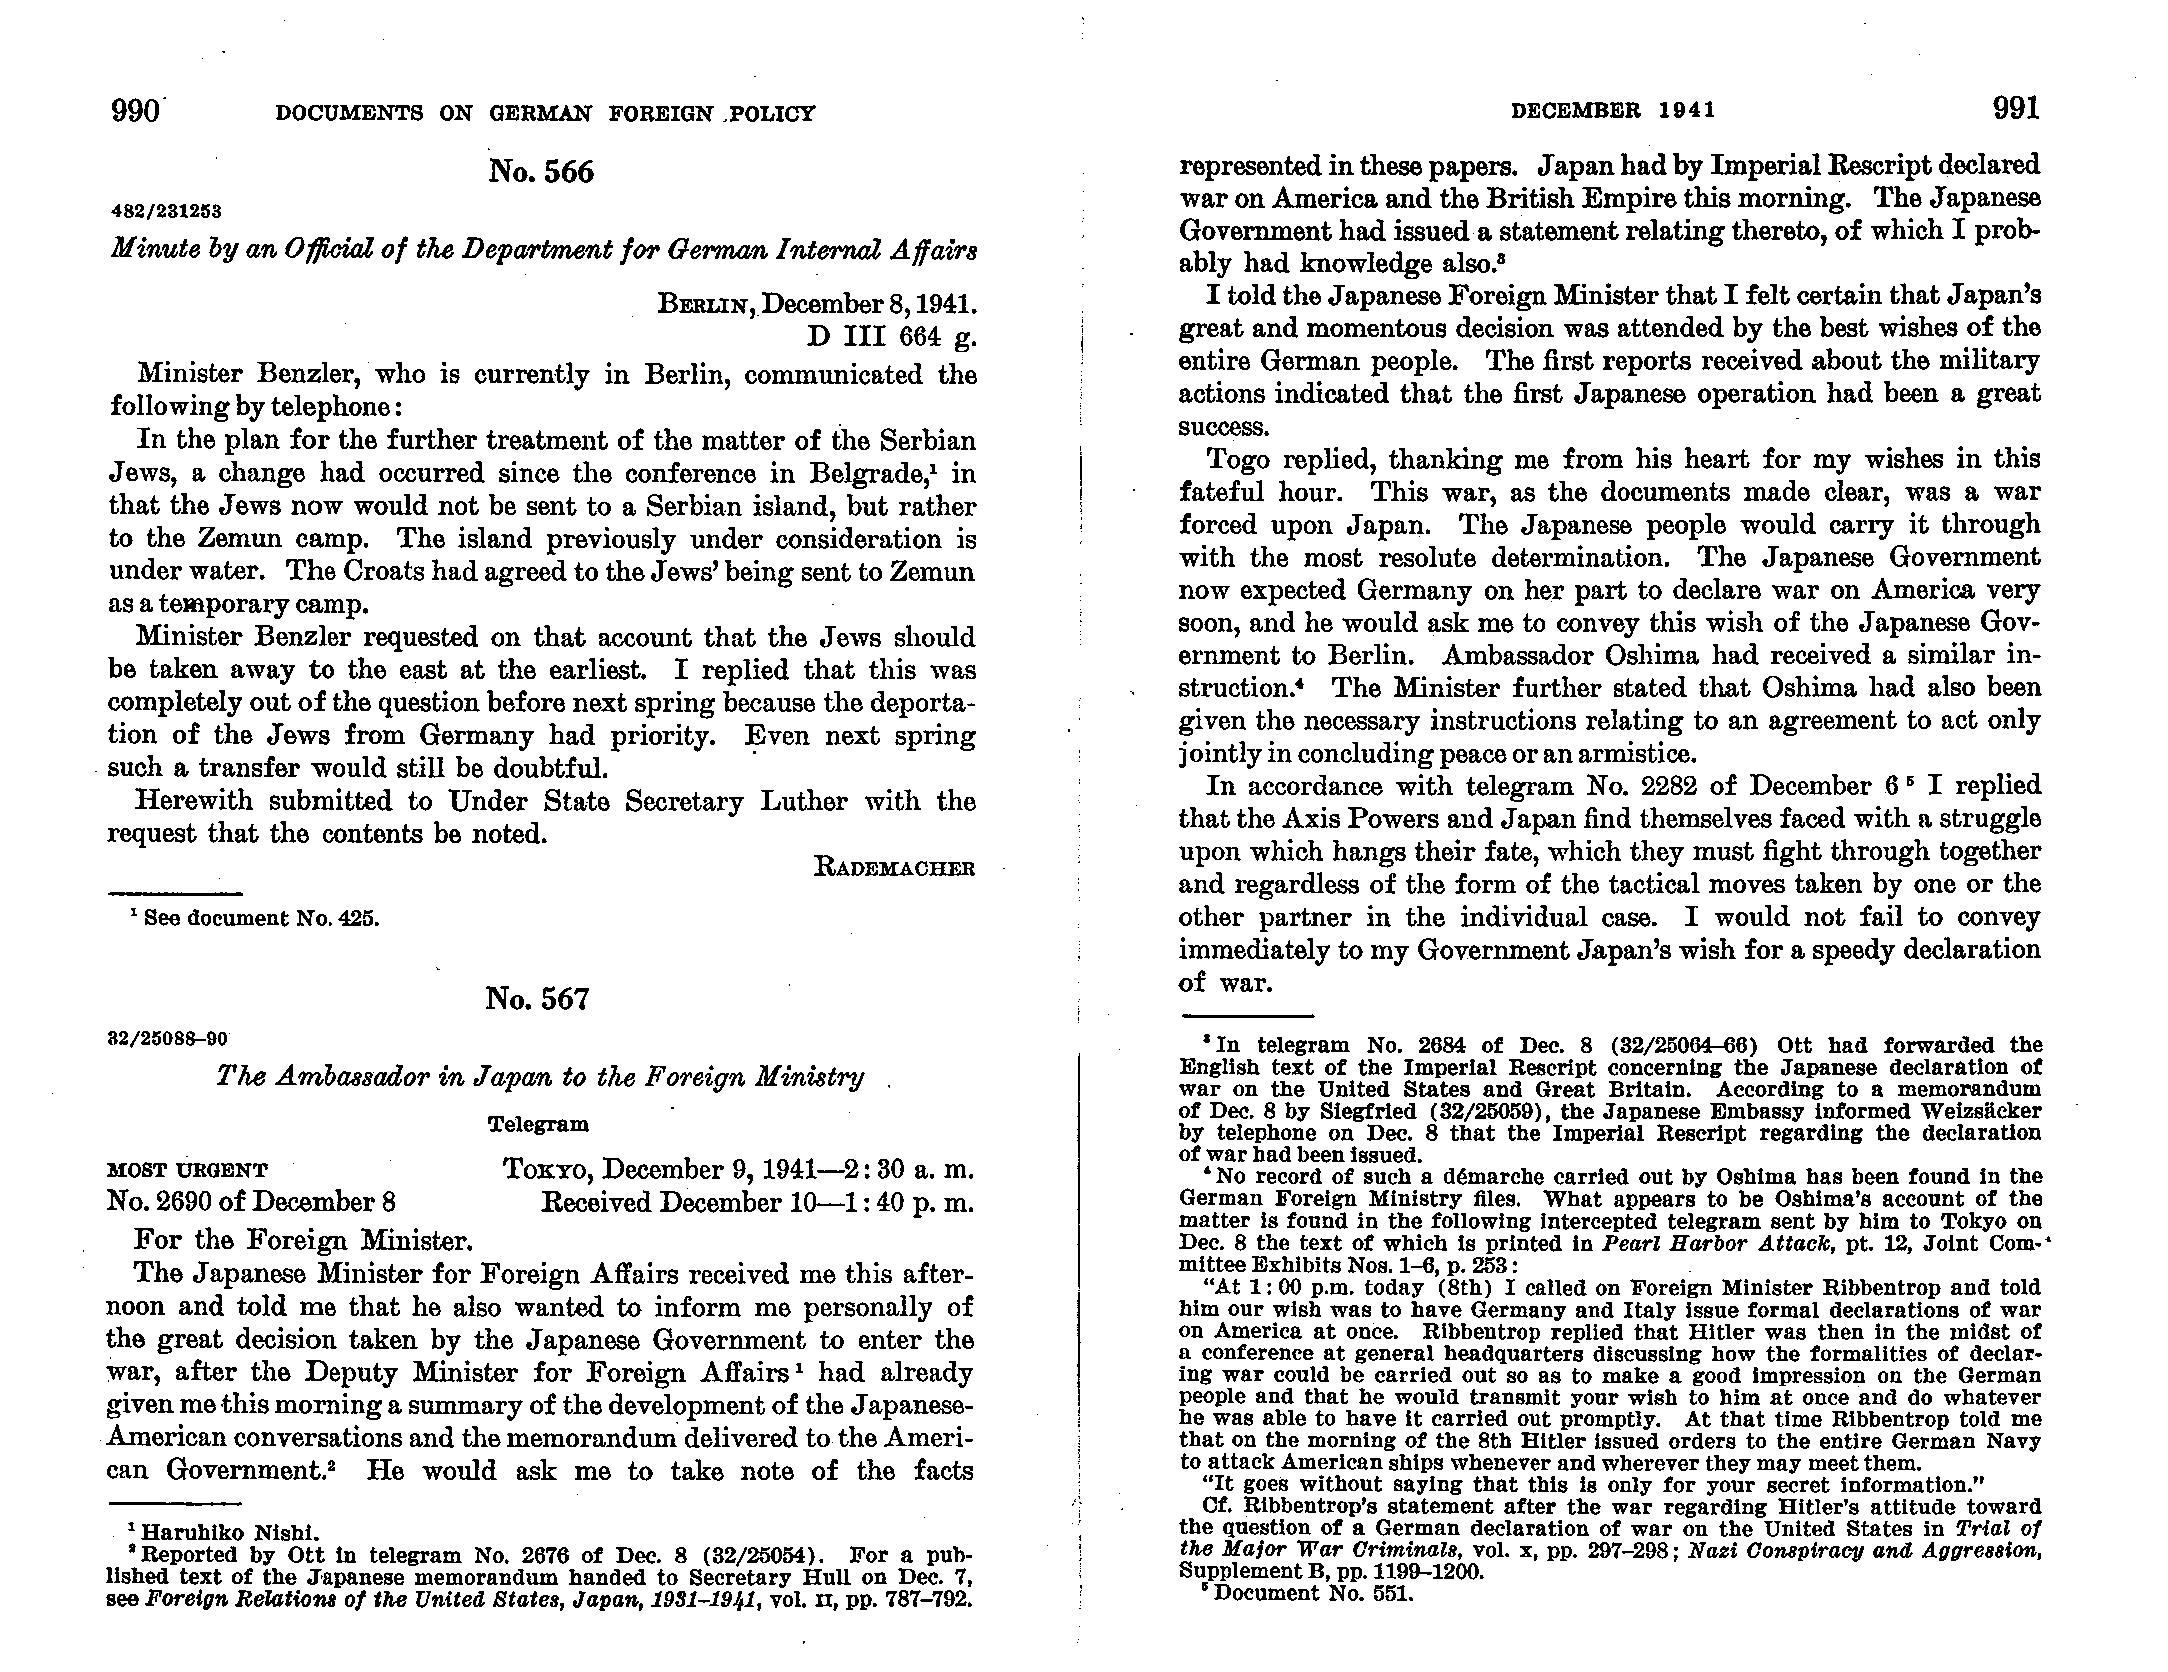 Превод извештаја Ф. Бенцлера о договору за оснивање логора Земун